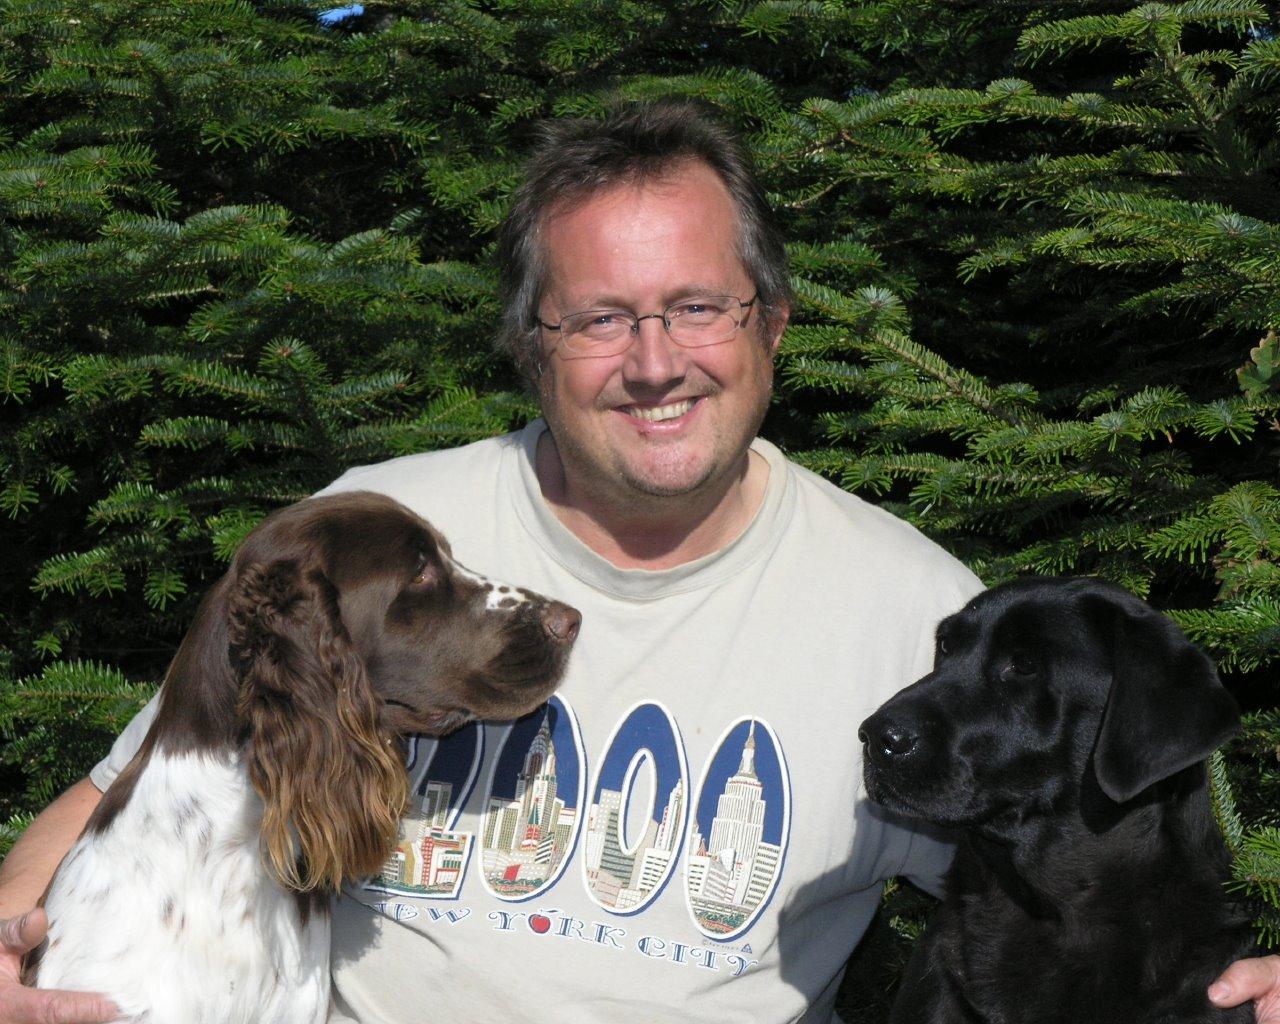 Jakob Bonde, dansklærer, Stoholm Skole